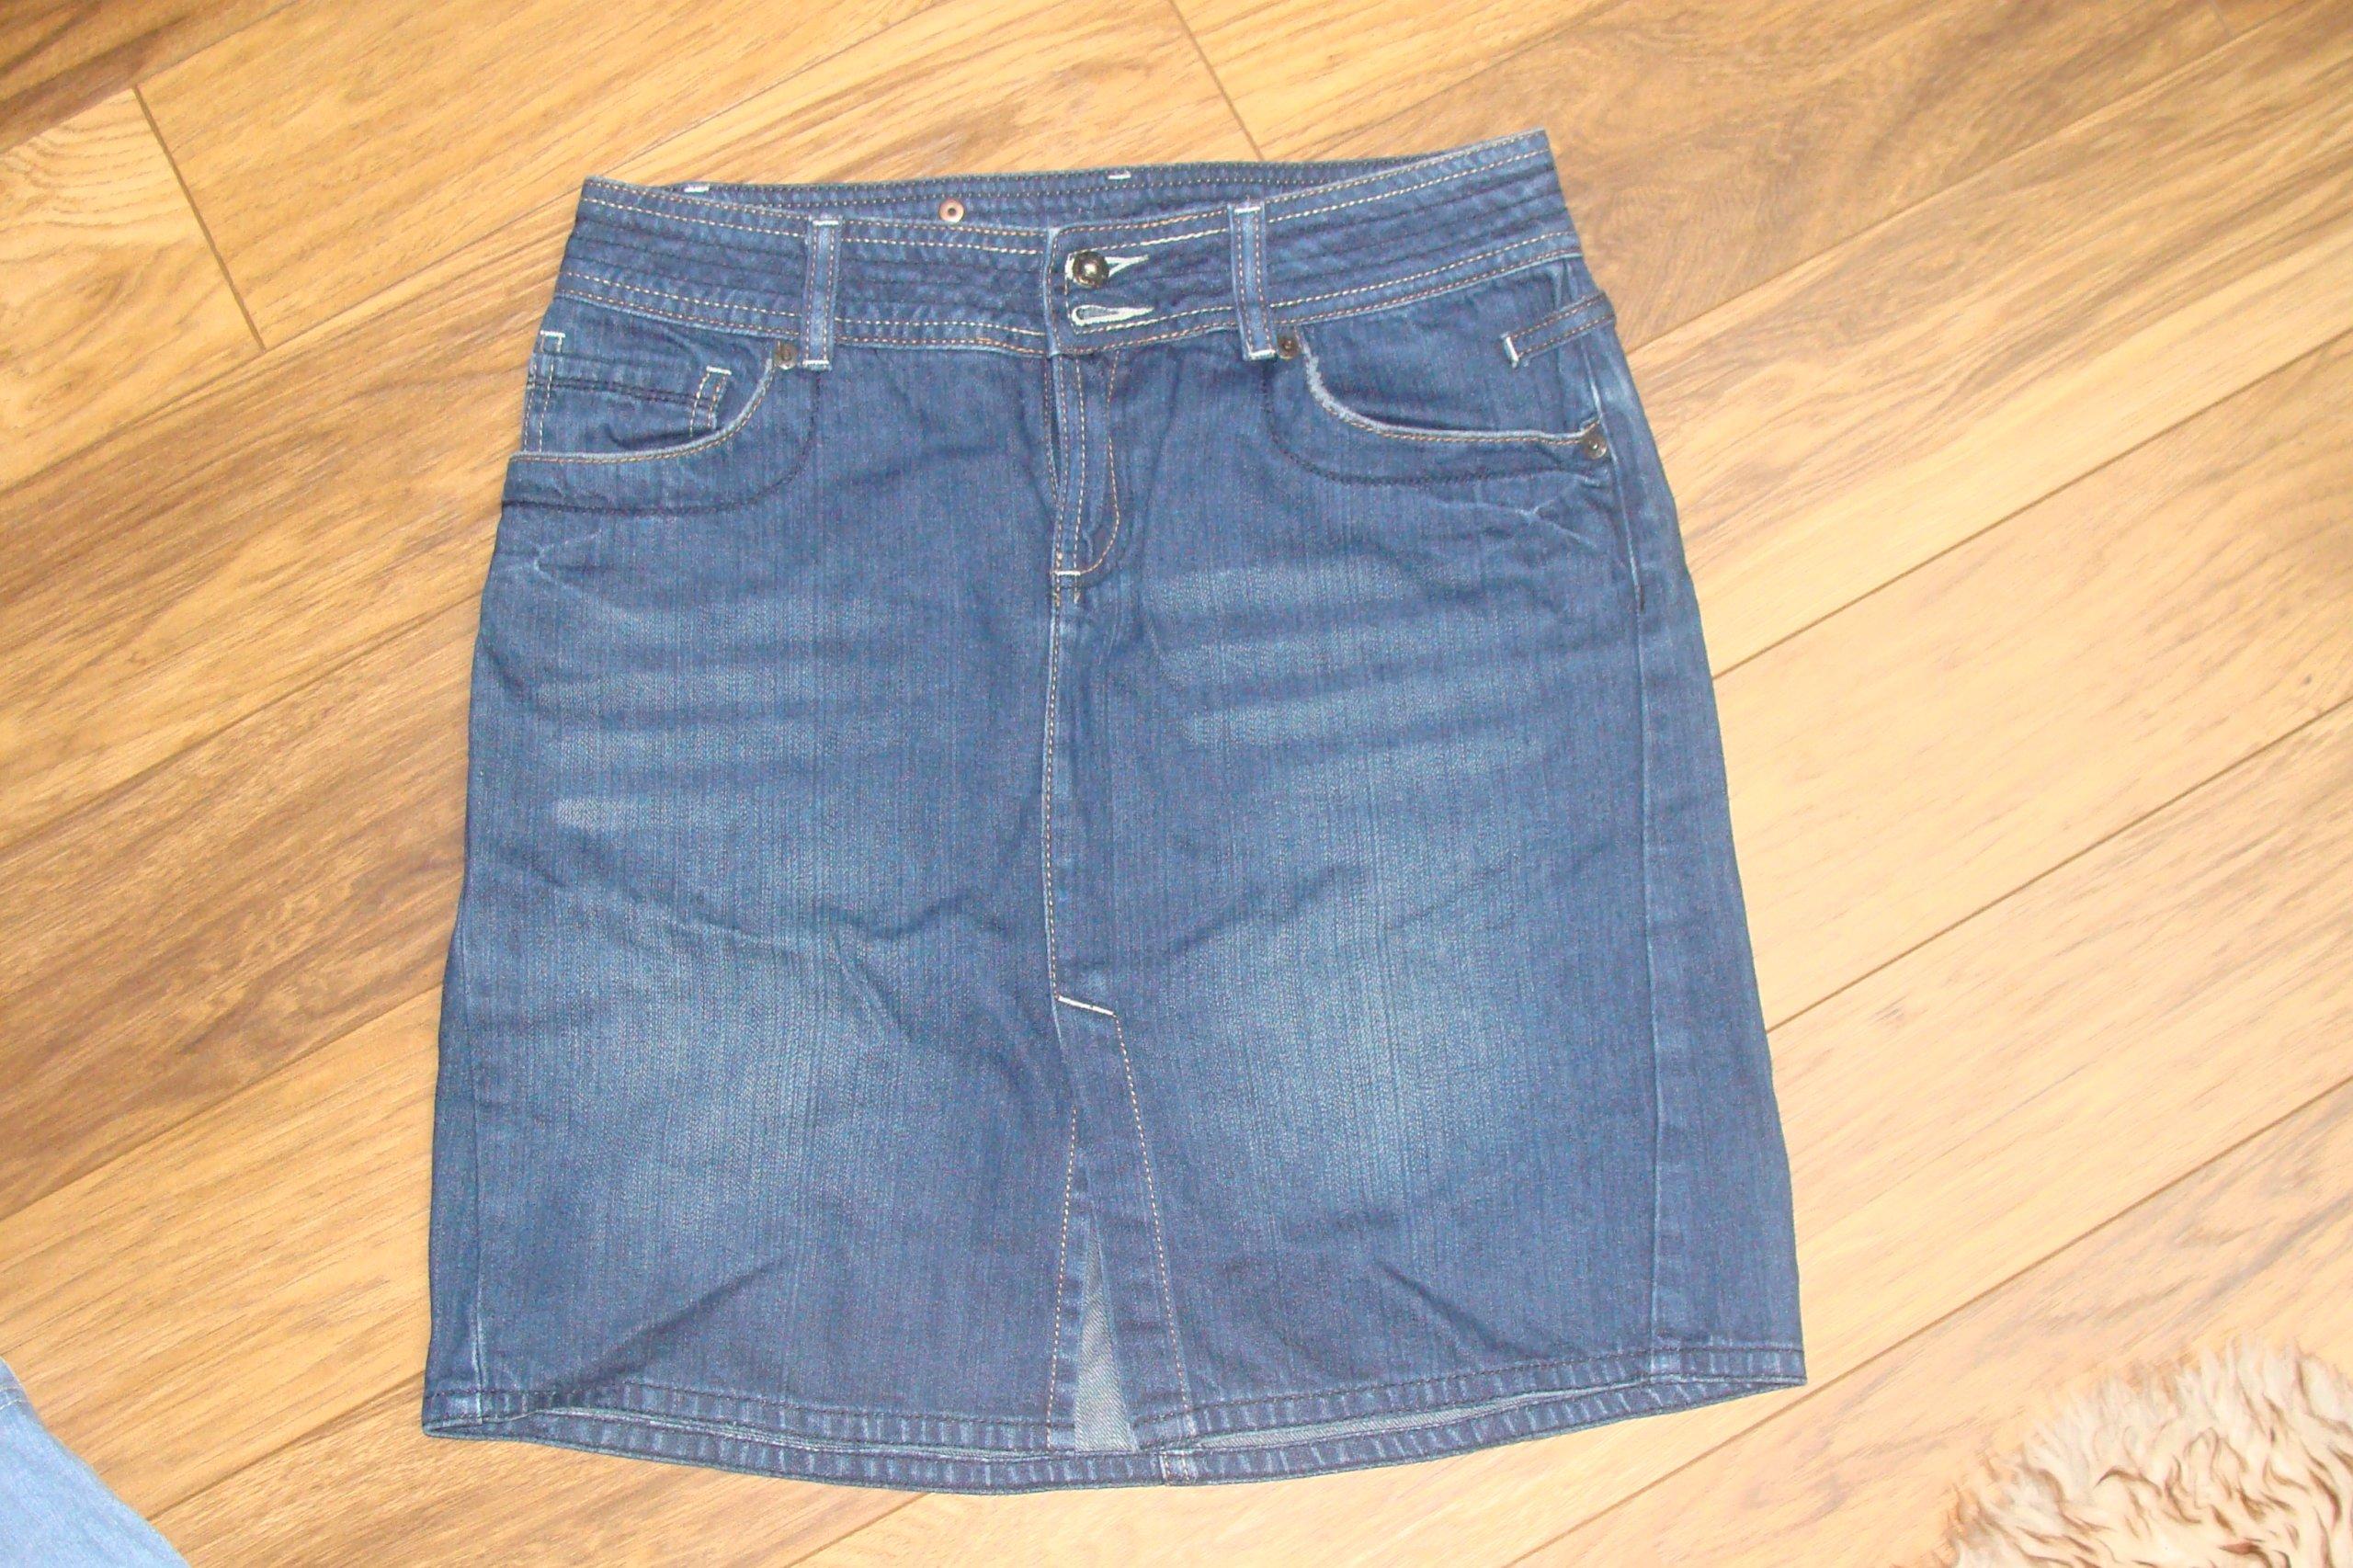 25ecac2393 SPÓDNICZKA jeansowa rozm.36 - 7390592614 - oficjalne archiwum allegro